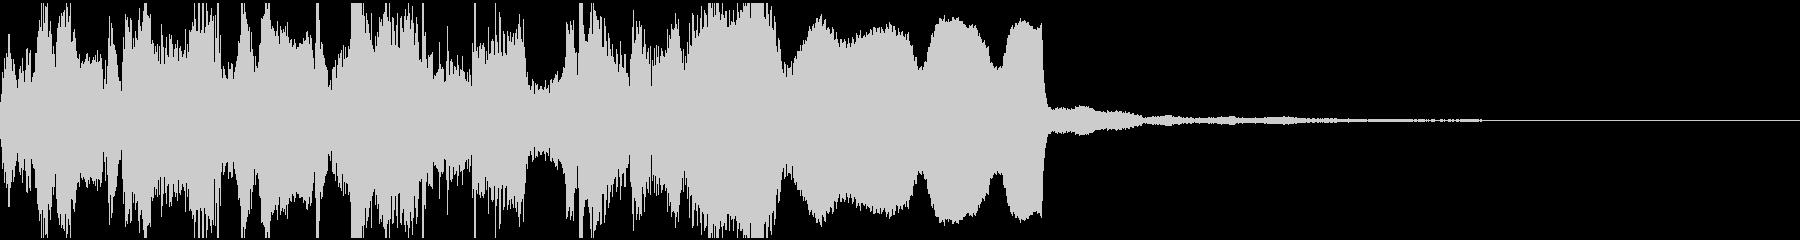 和風、笛と太鼓の囃子風ジングル1の未再生の波形